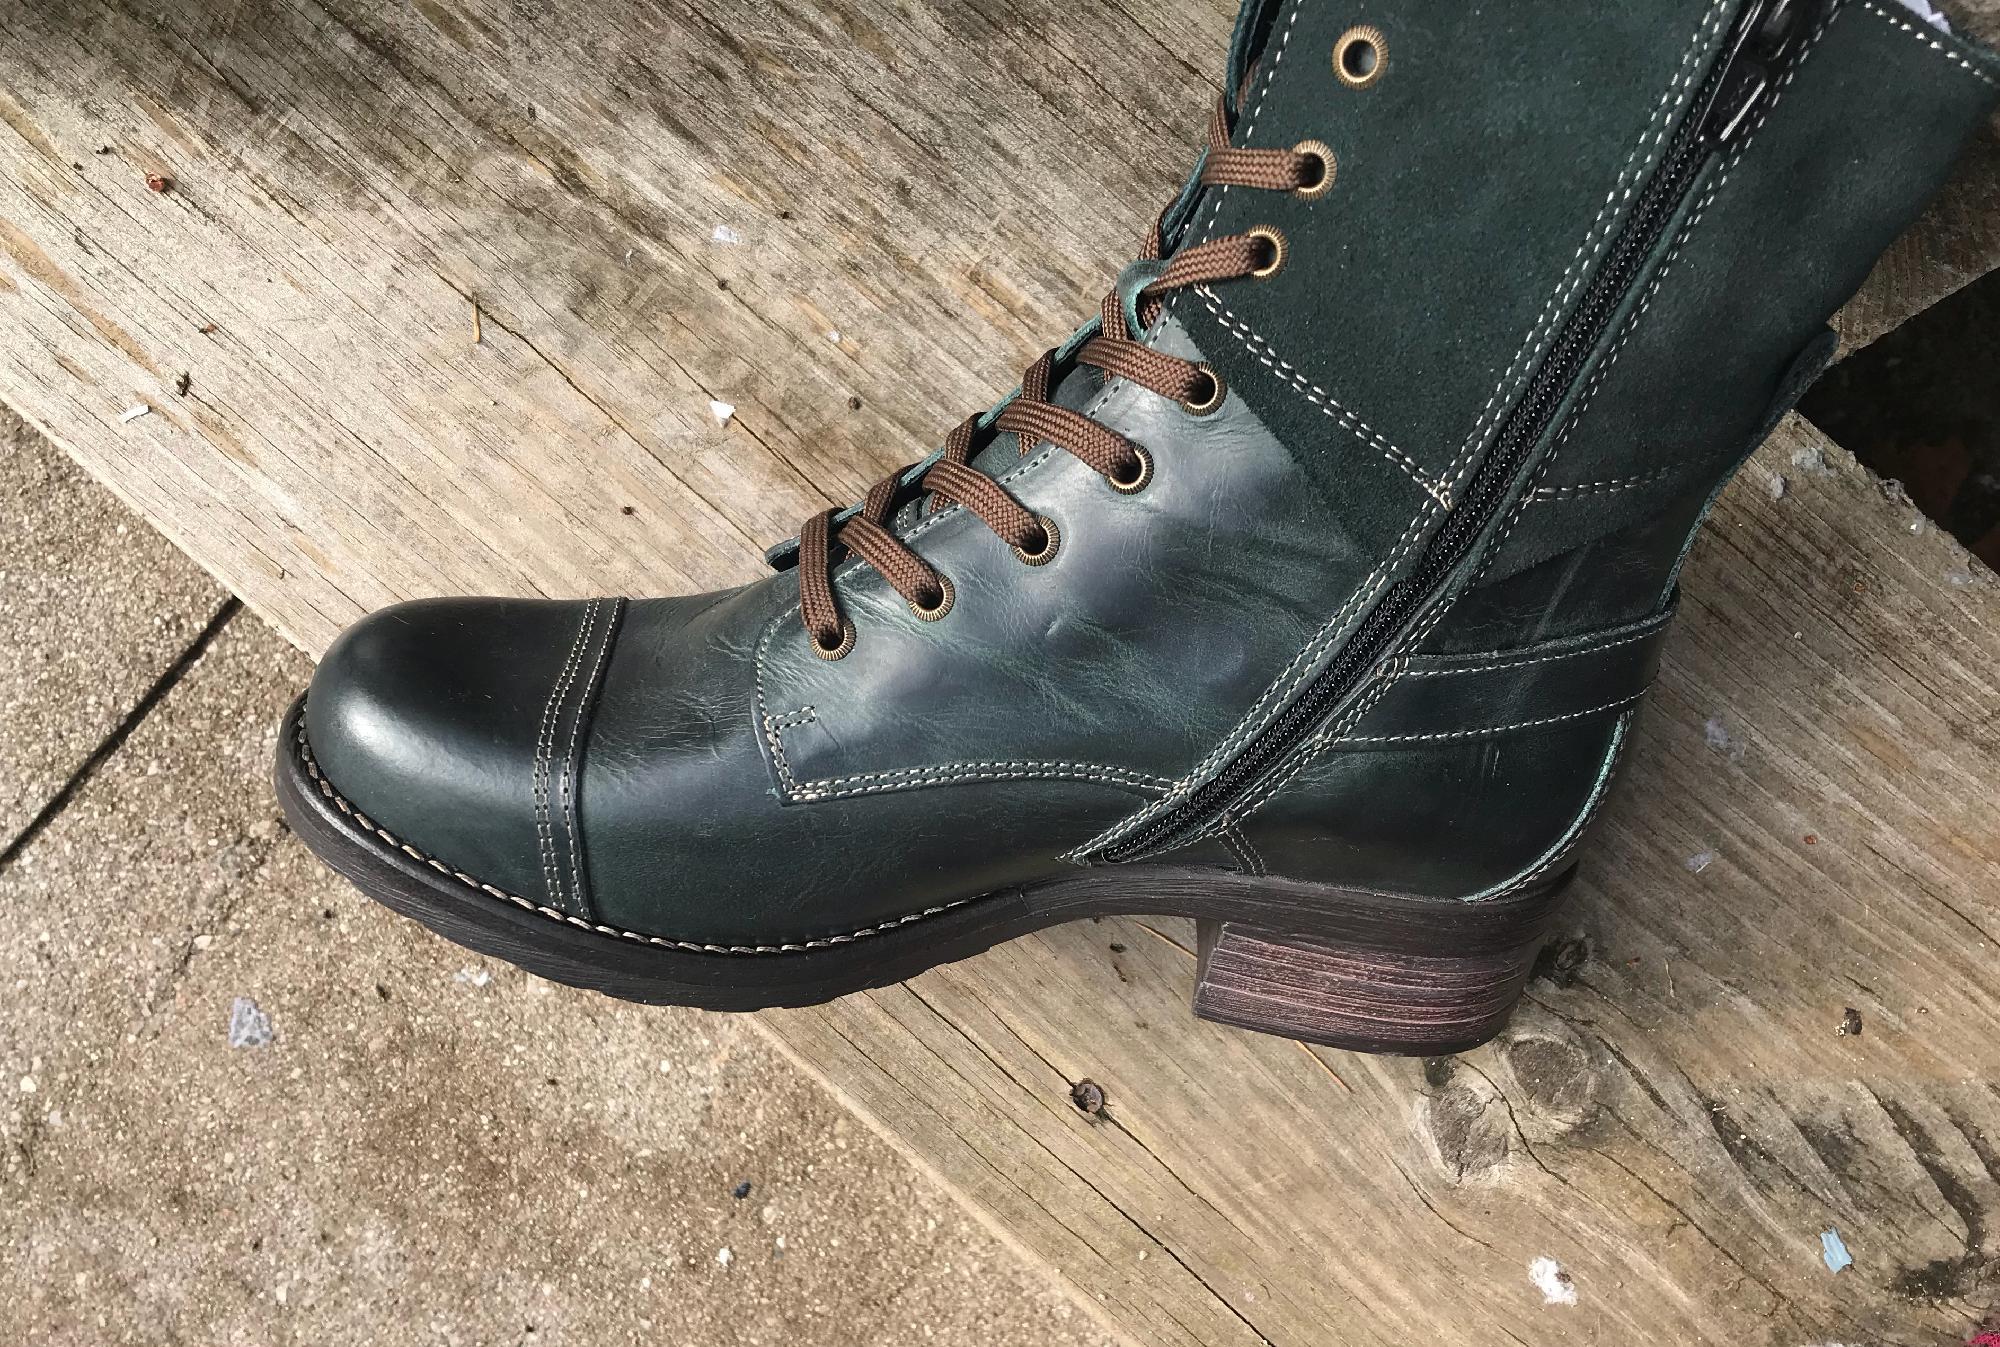 6594137d1f9 Taos Footwear Crave Reviews